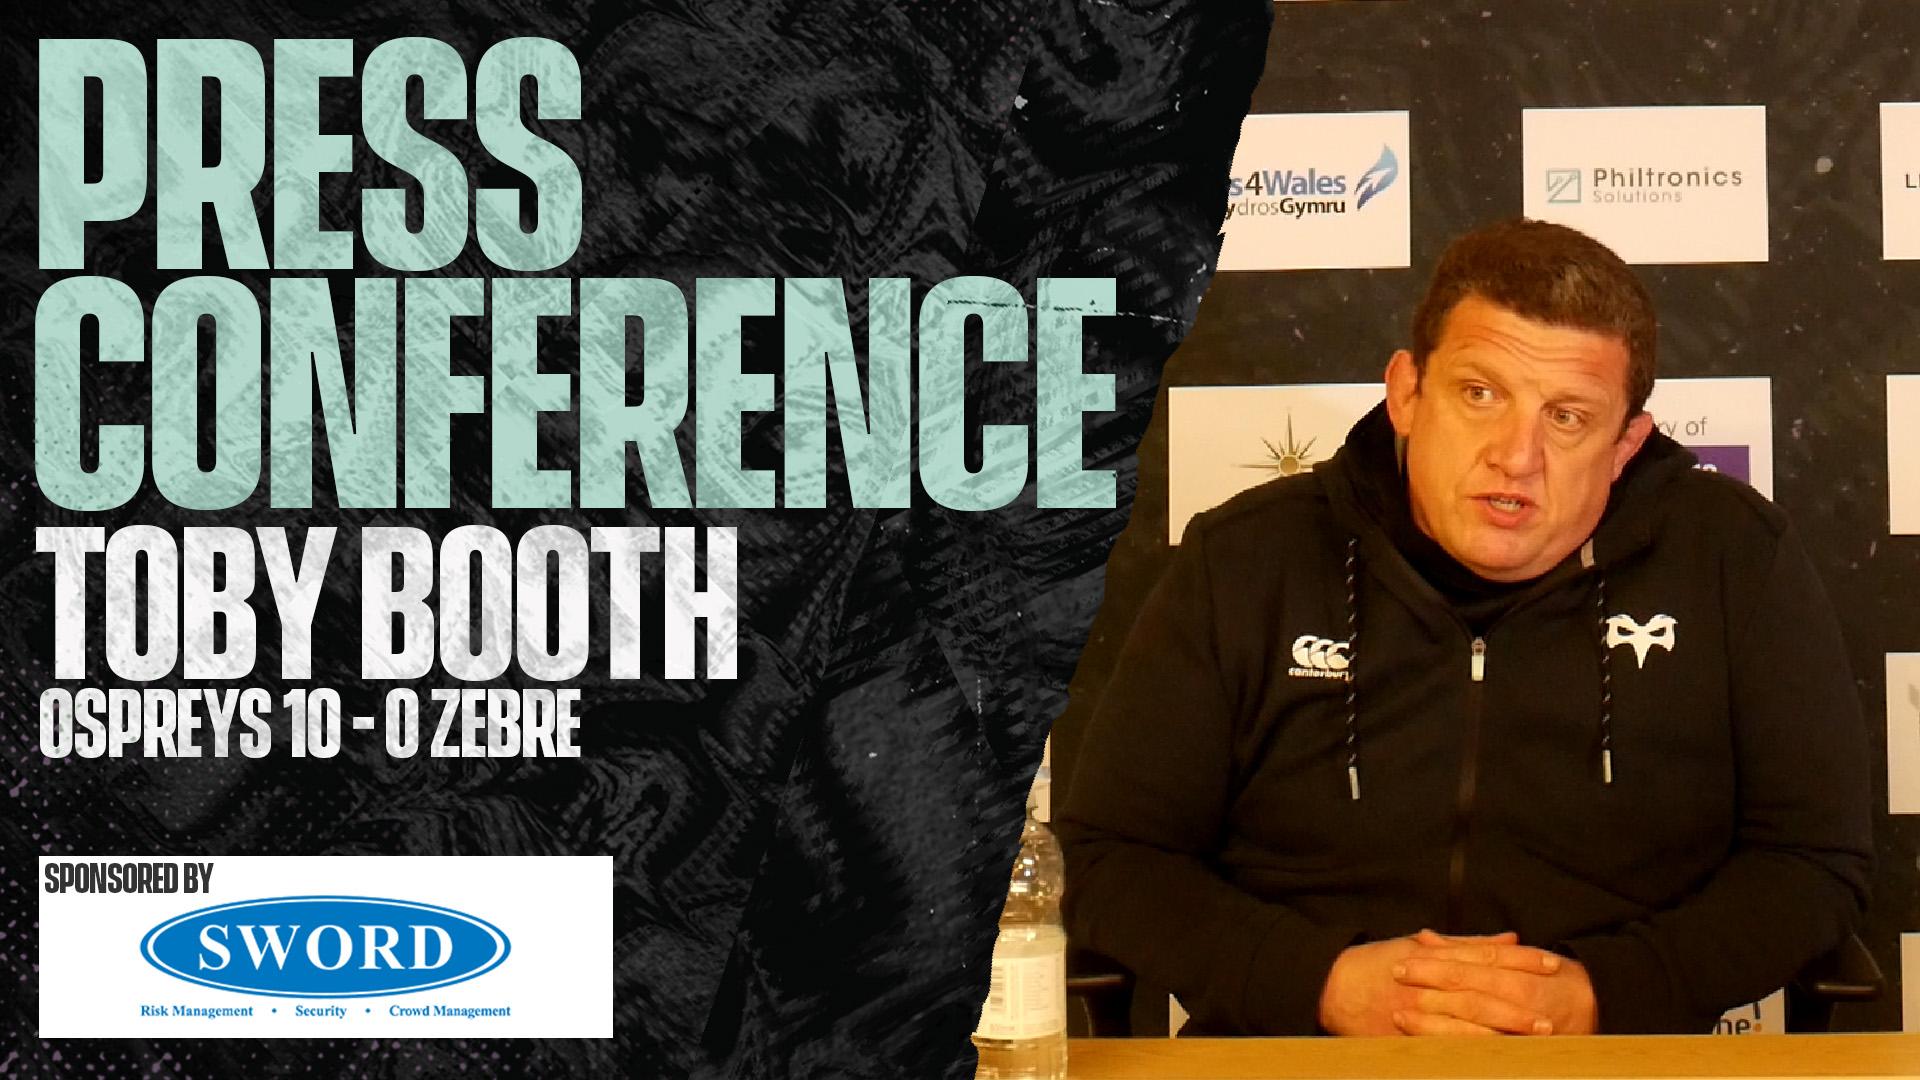 Press Toby post zebre